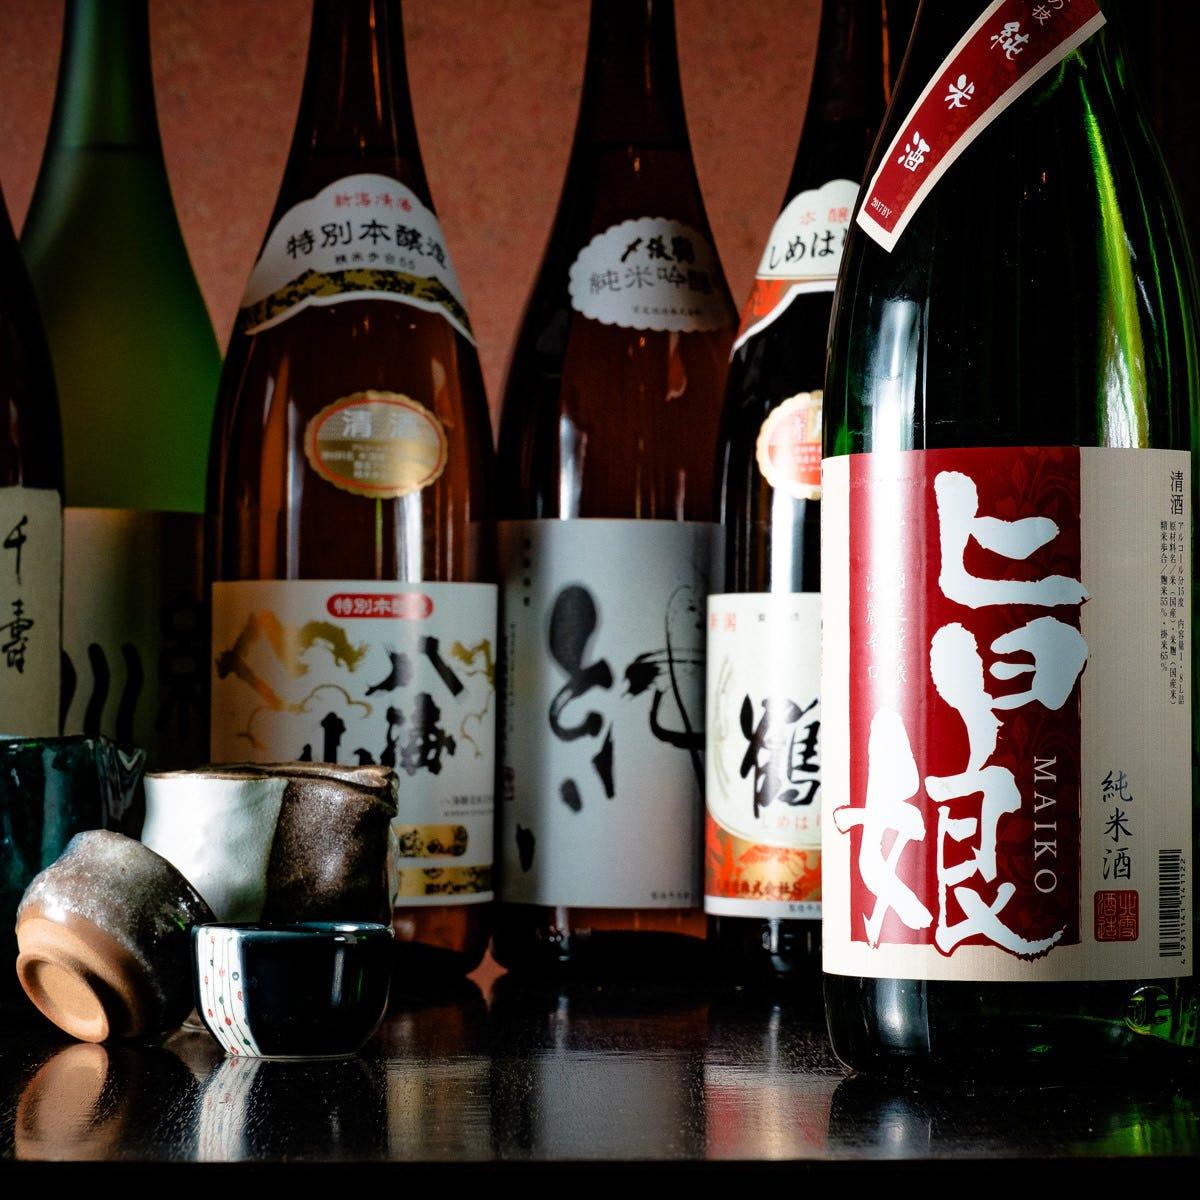 厳選旬の地酒・日本酒入荷